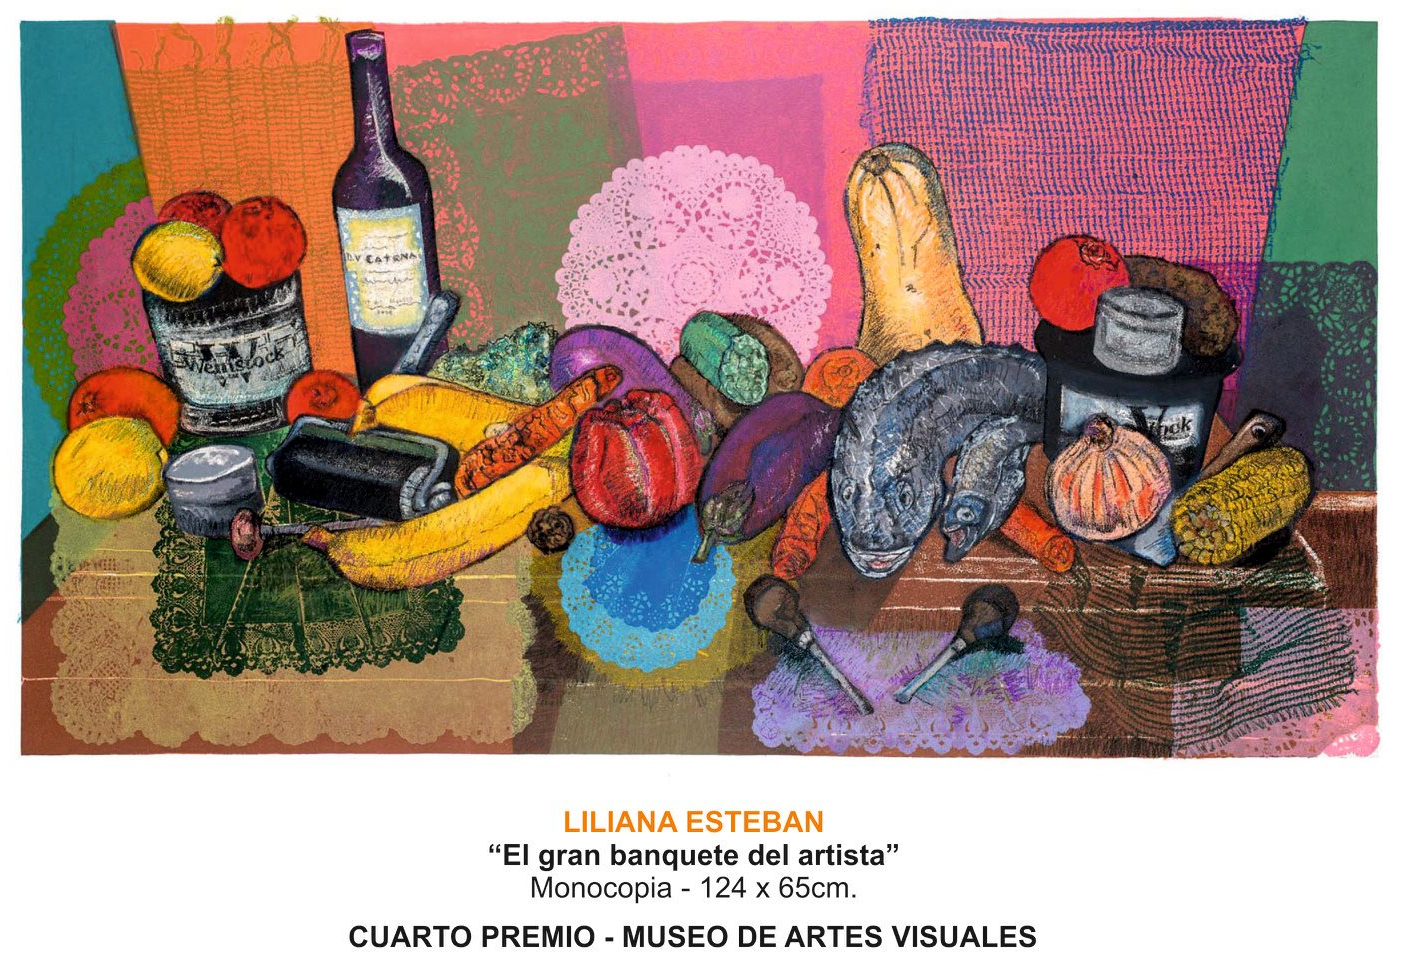 «X° Salón Anual Nacional Bicentenerio del Grabado», en el Museo Municipal de Artes Visuales de Urquiza, Concordia